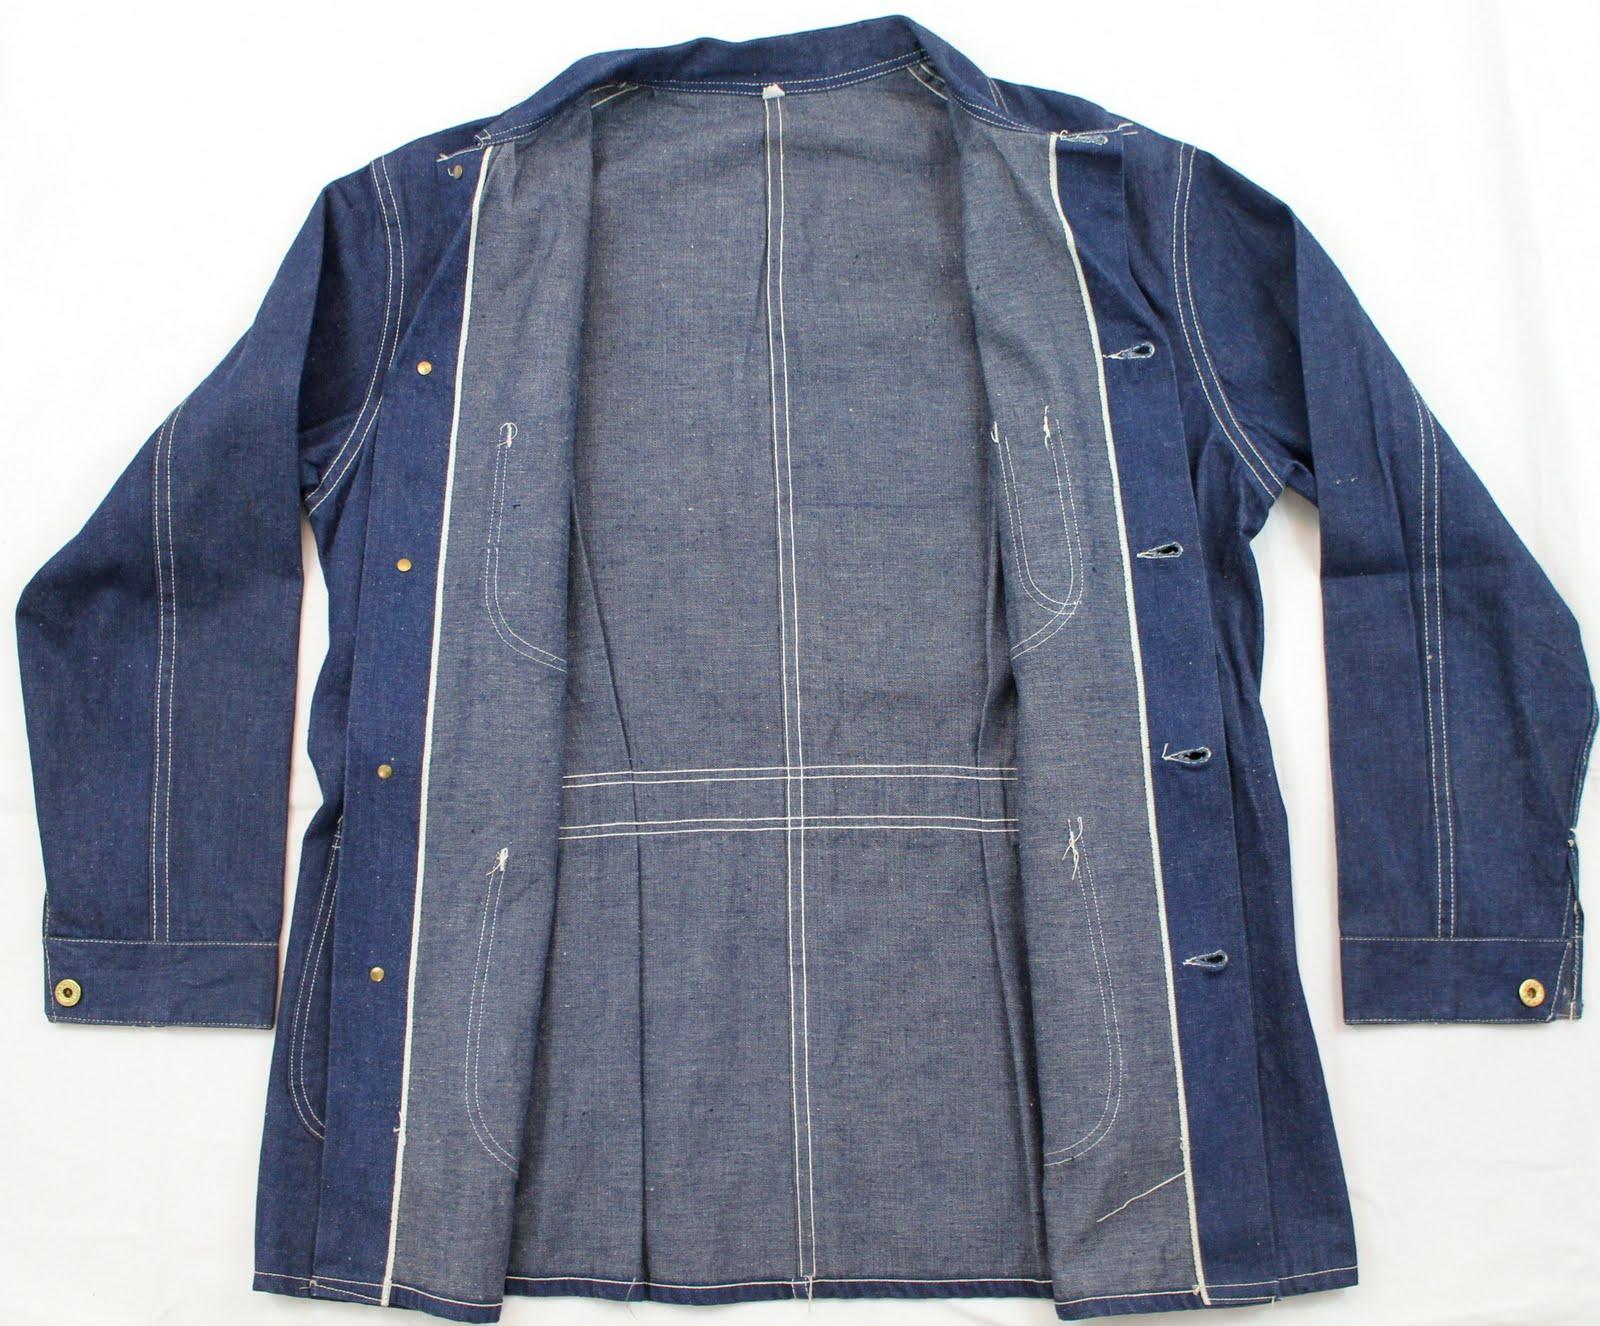 Vintage Workwear S Belt Back Selvedge Denim Jacket